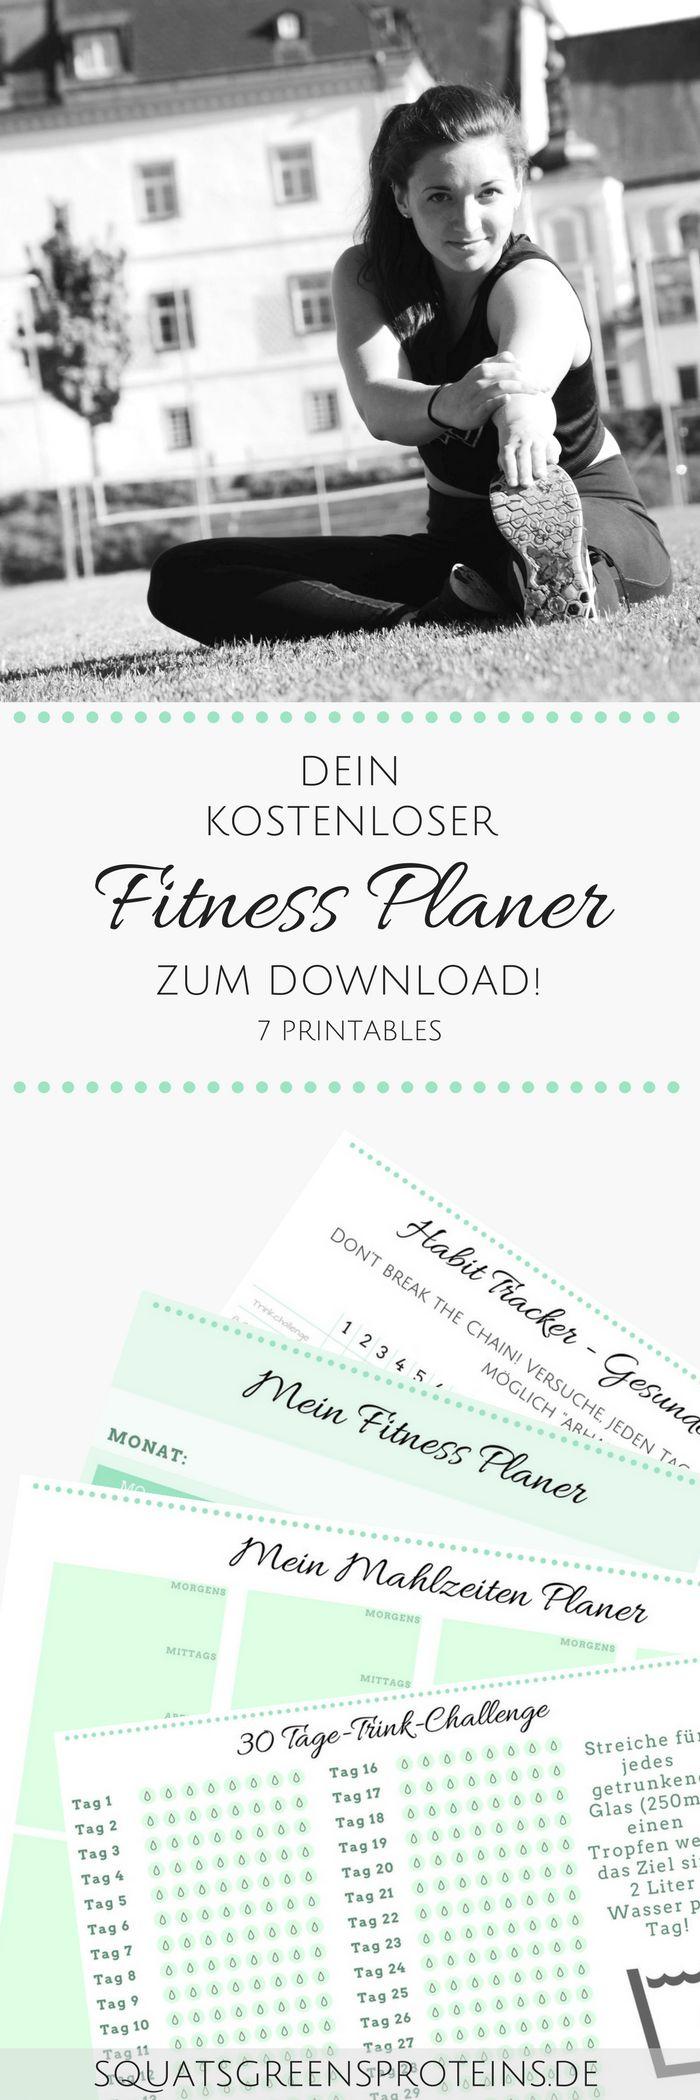 Dein kostenloser Fitness Planer zum Download - Fitness Abnehmen Zunehmen Muskelaufbau Kalender - Squats, Greens & Proteins